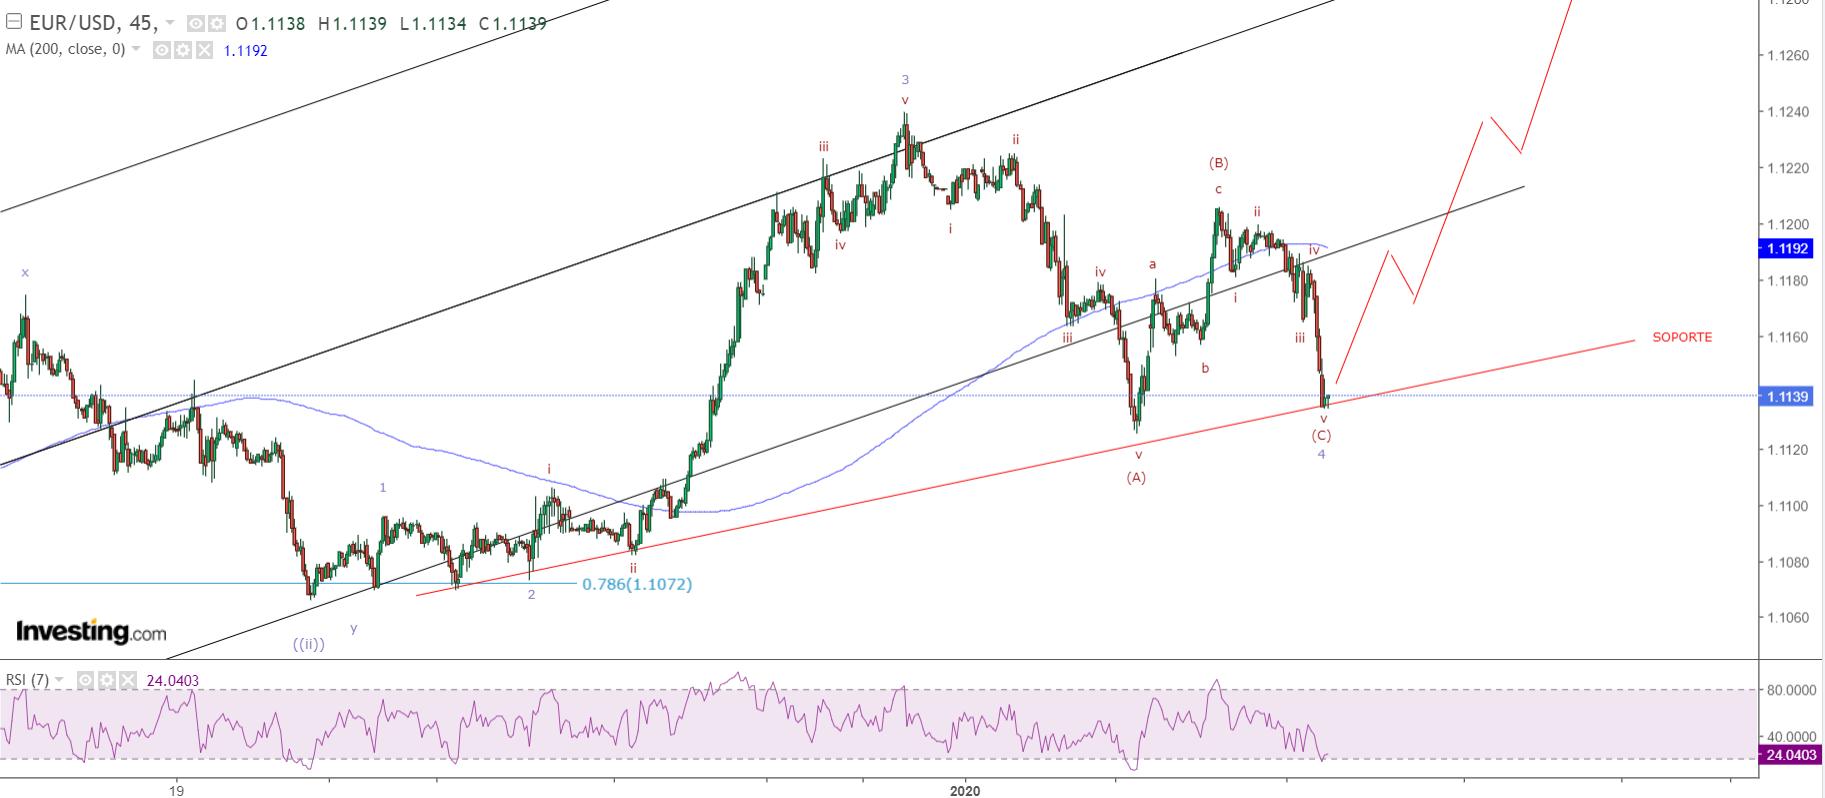 ¿CONTINUARA EL RALLY DEL EURO?